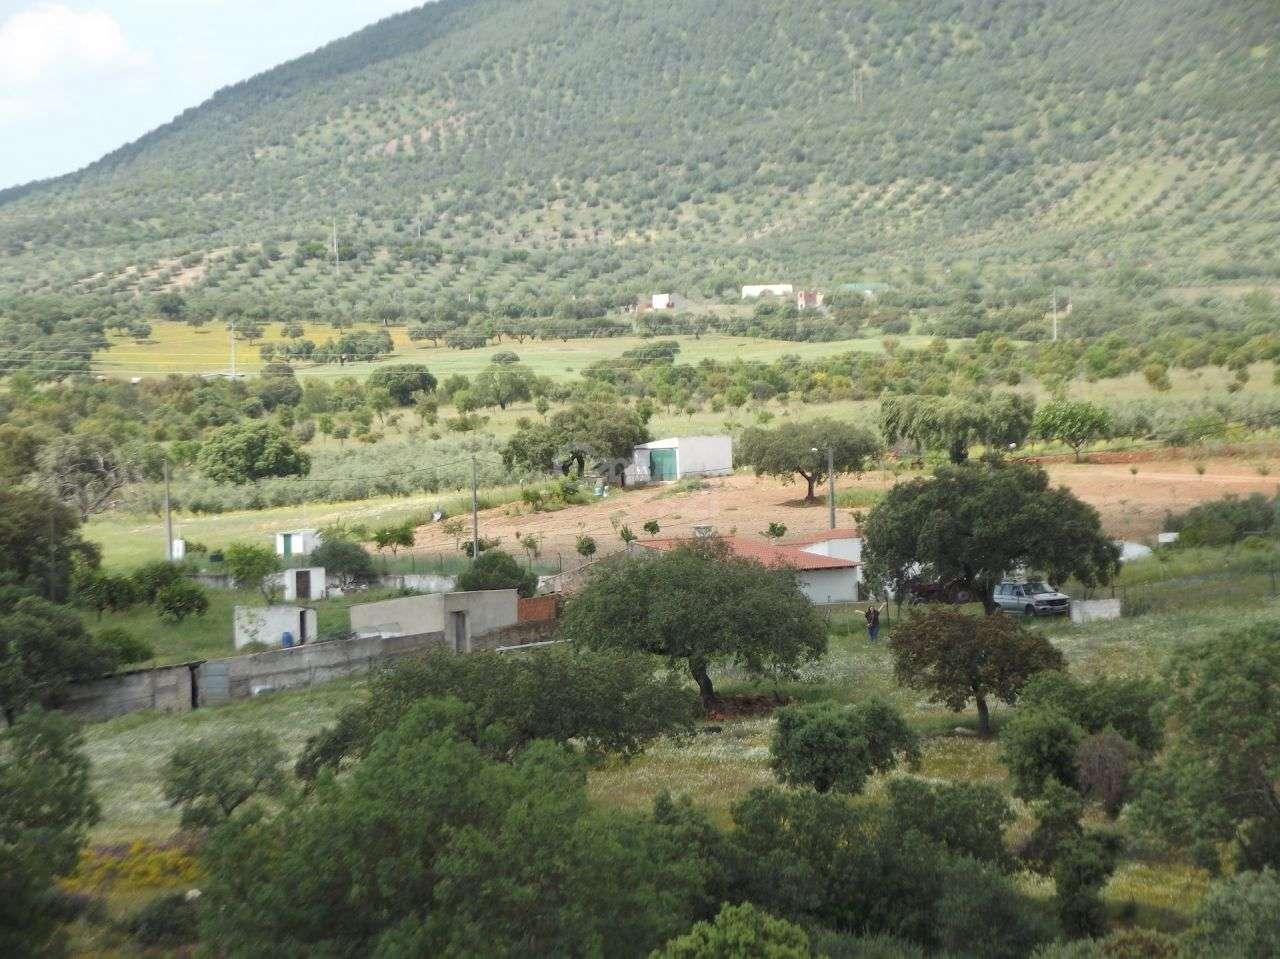 Quintas e herdades para comprar, Vila Nova de São Bento e Vale de Vargo, Serpa, Beja - Foto 5